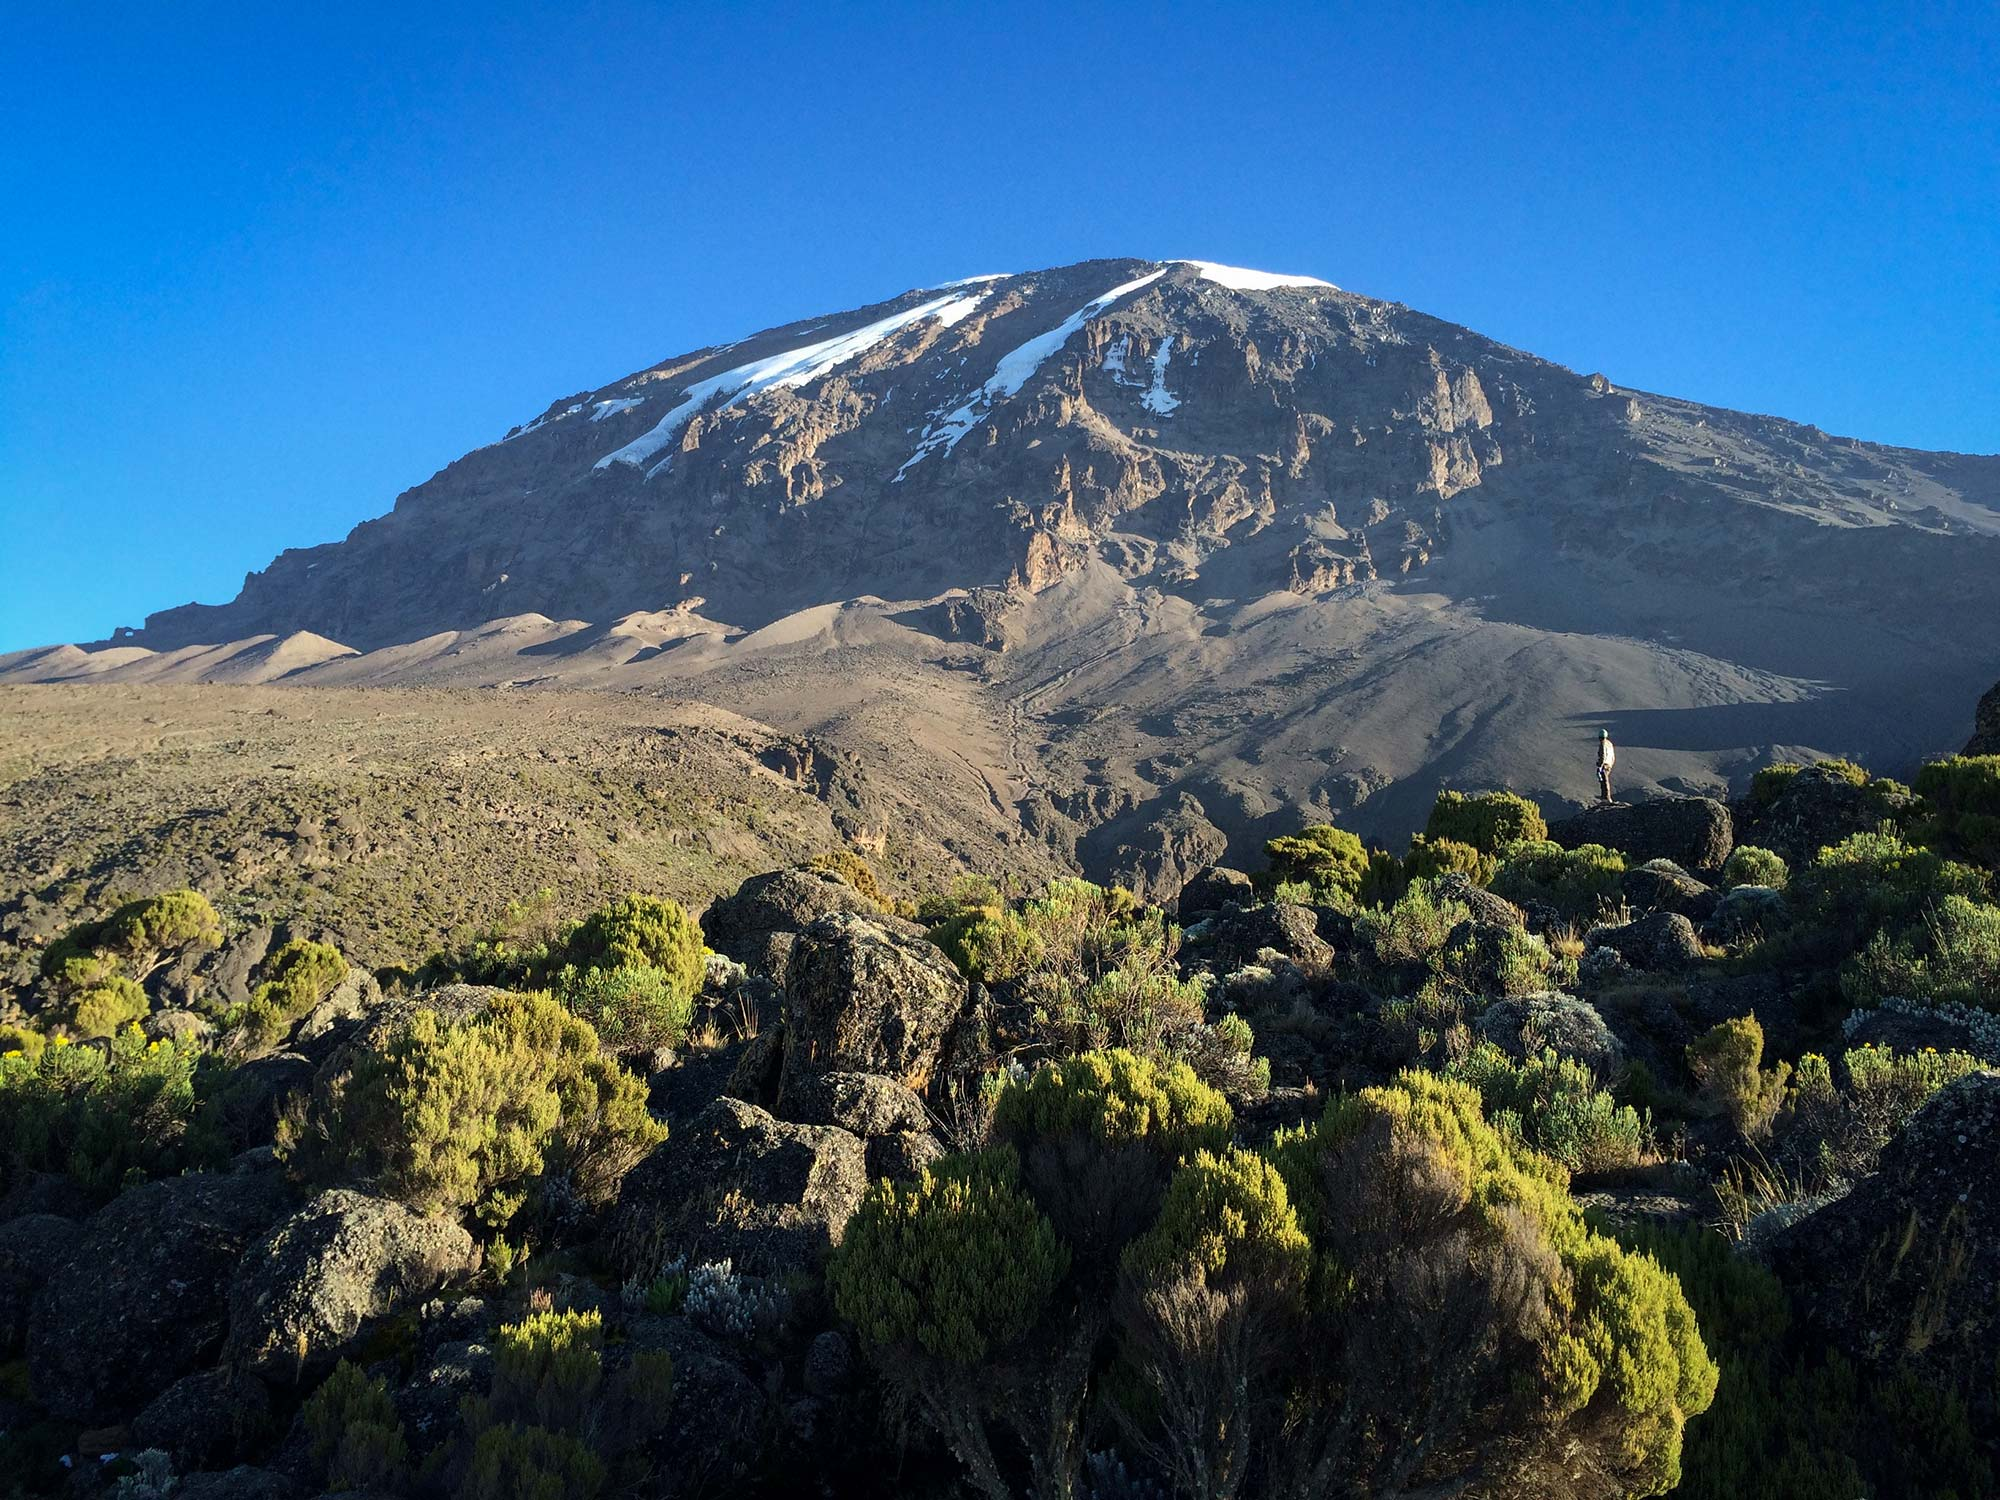 D6-20-porter-summit-gazing-karanga-camp-kilimanjaro.jpg